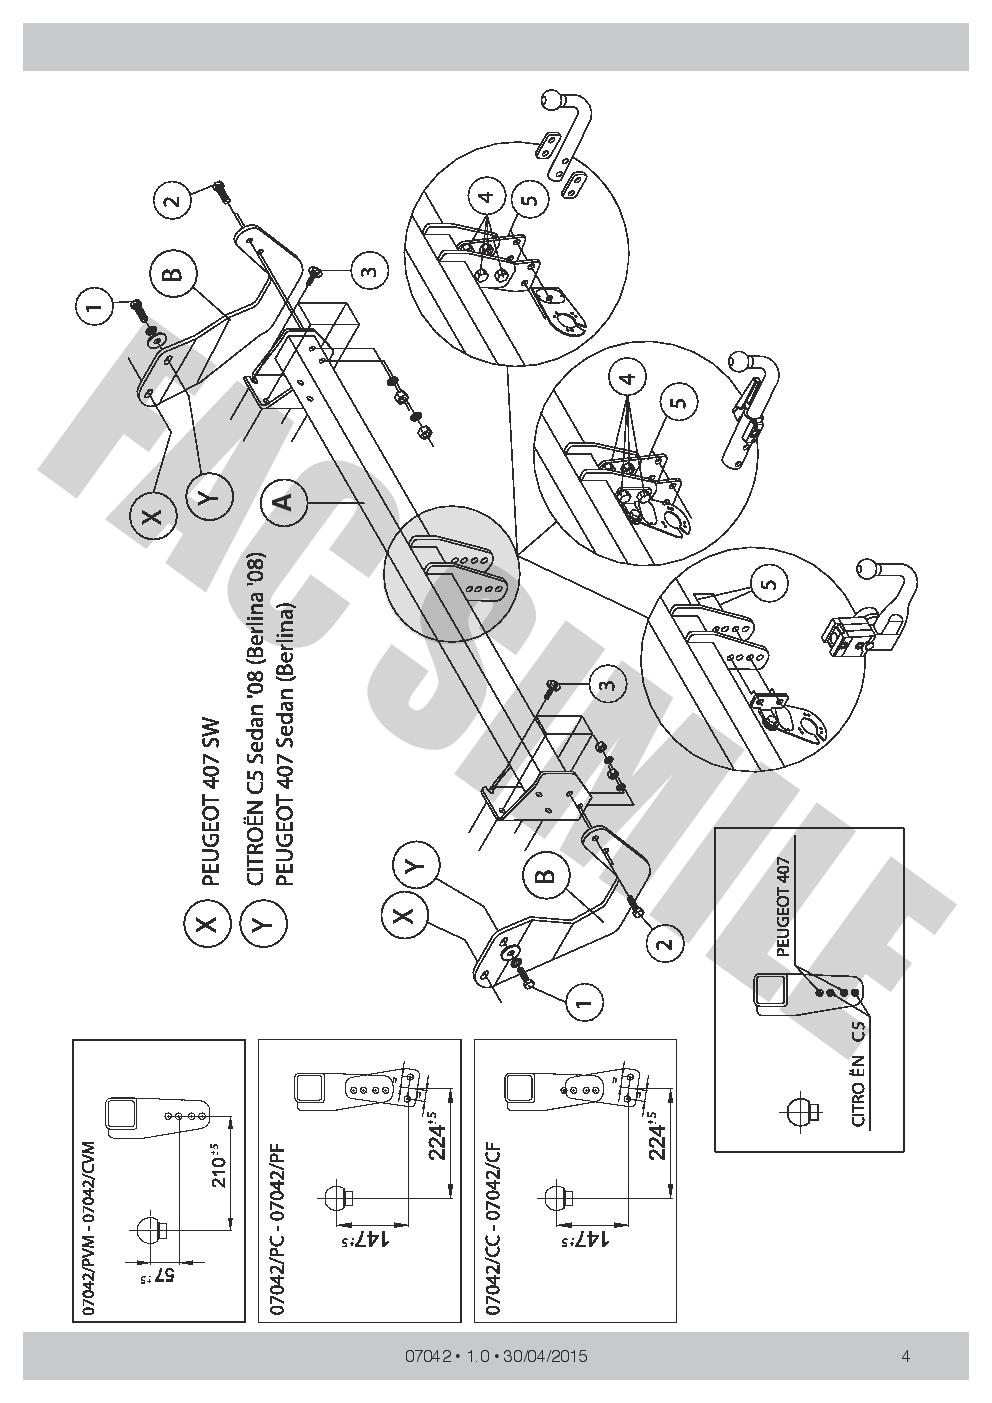 Attelage+7b relais pour Peugeot 407 Berline pas Coupe 2004-2008 07042//PC/_E1